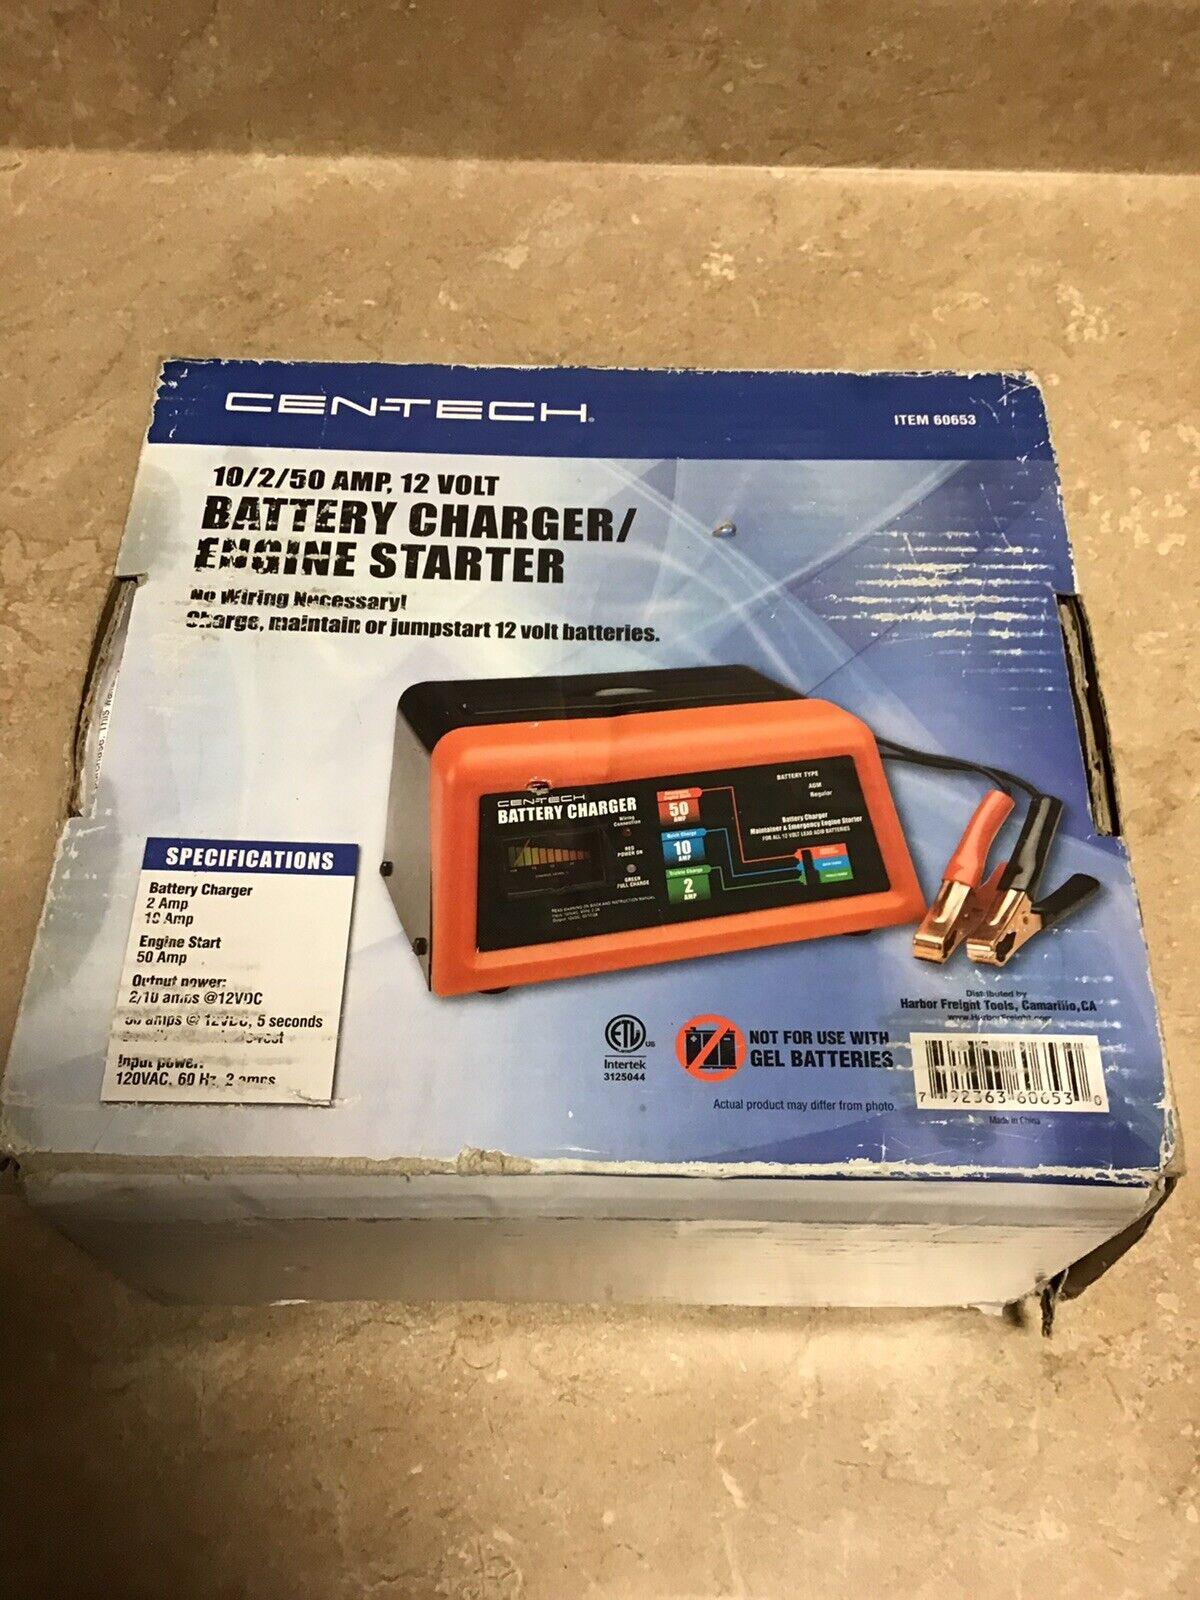 Centech 10 2 50 Amp 12 Volt Battery Charger Engine Starter 60653 Nos For Sale Online Ebay